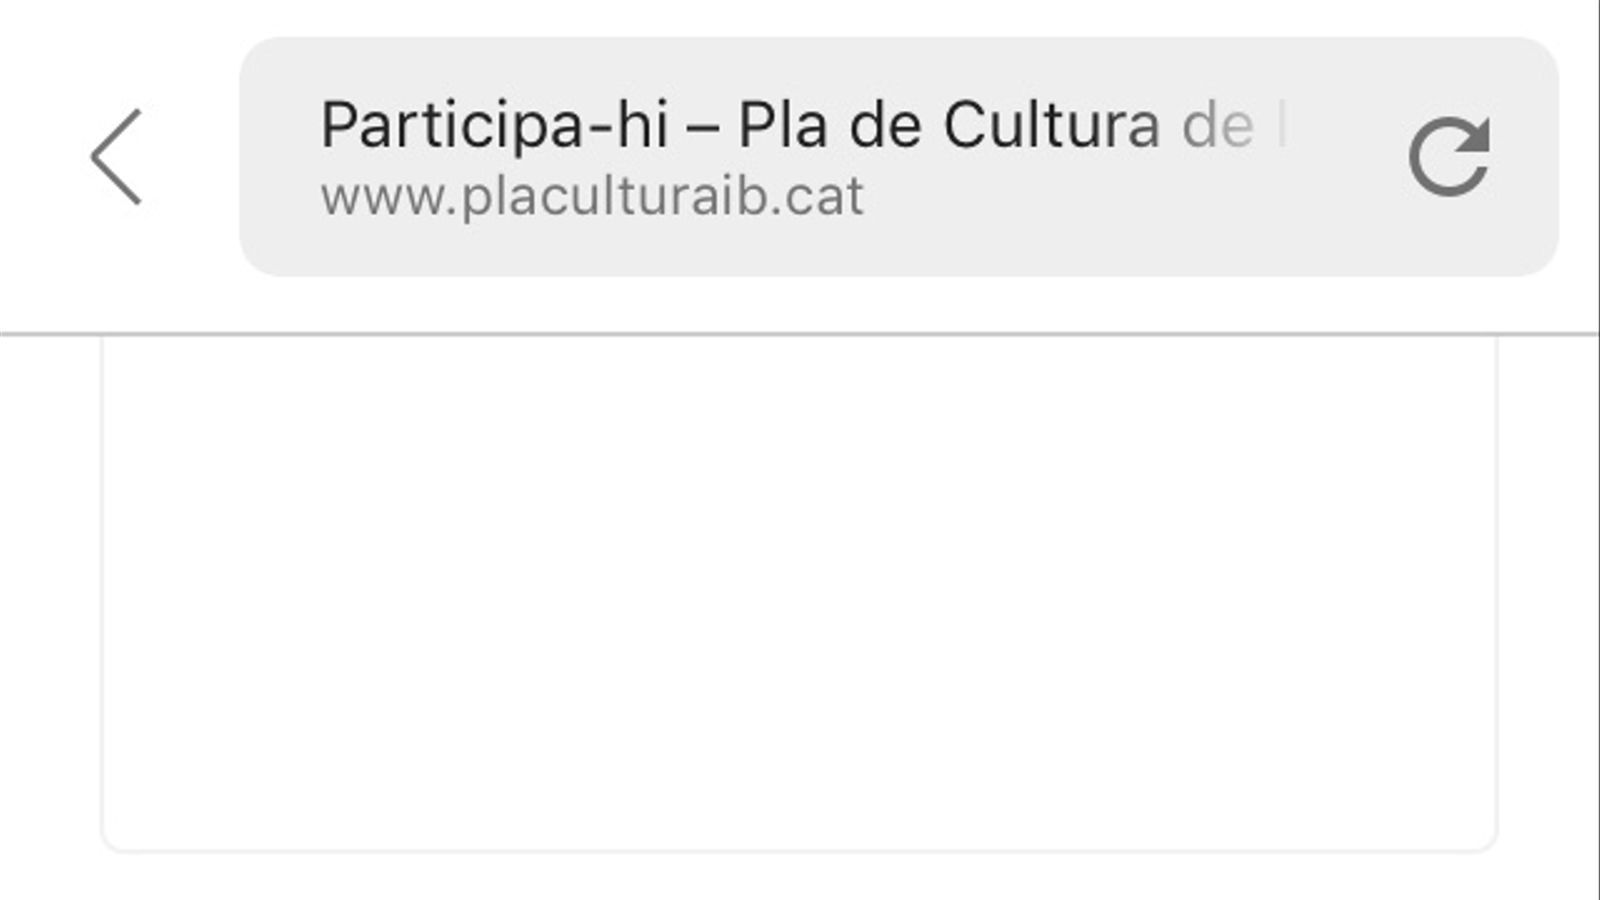 L'eina de participació de la web del pla de cultura no funciona